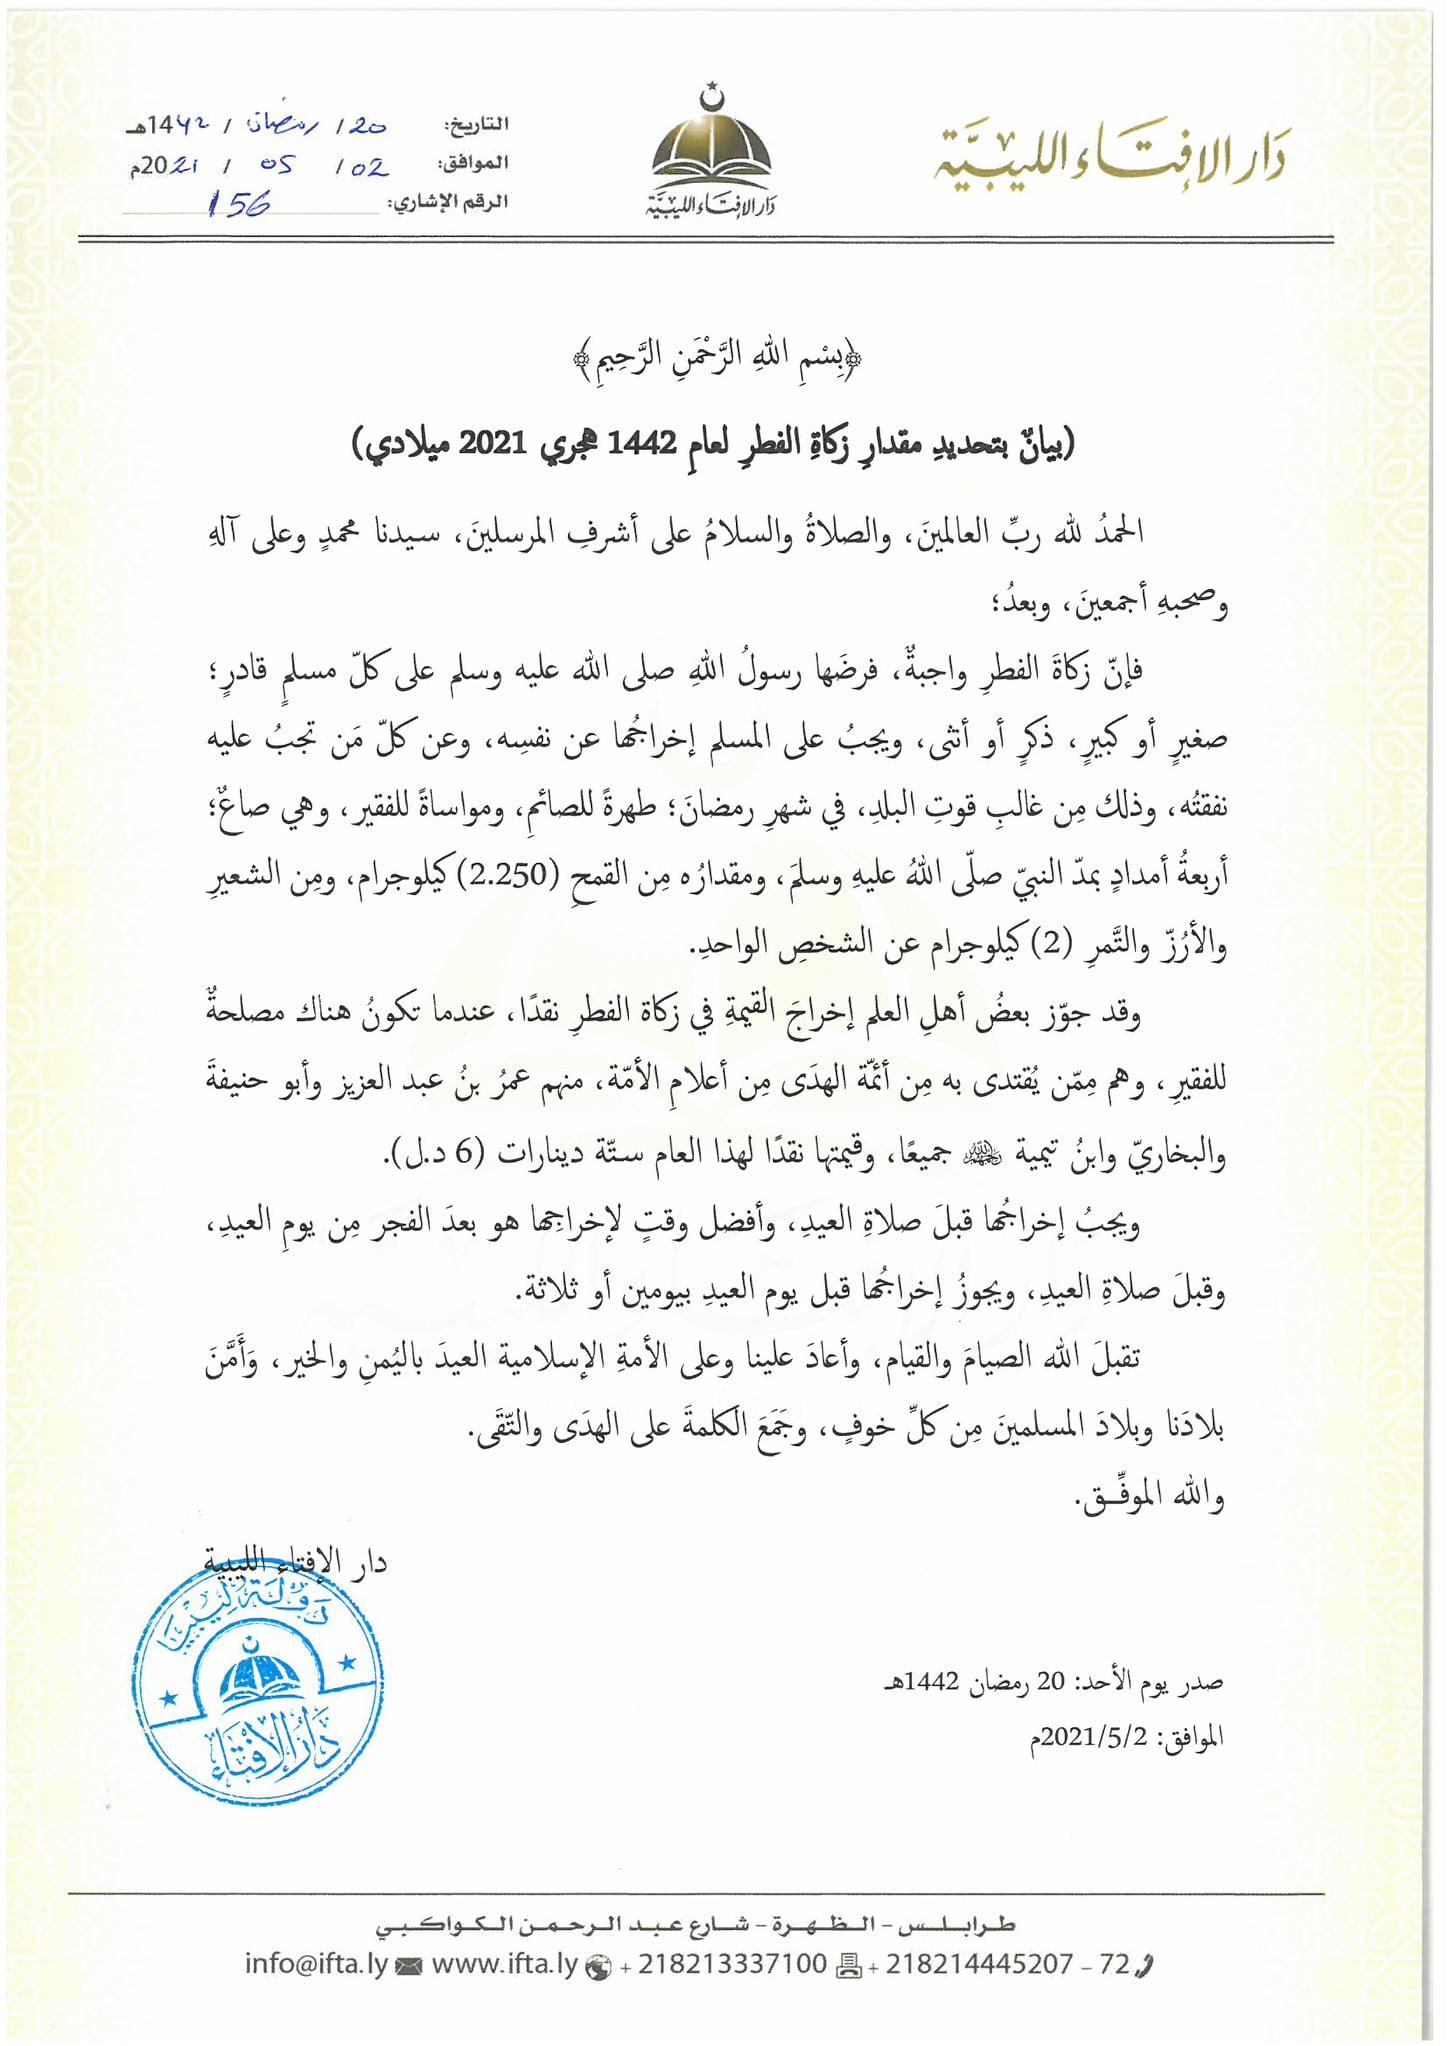 دار الإفتاء الليبية تُحدّد مقدار زكاة الفطر